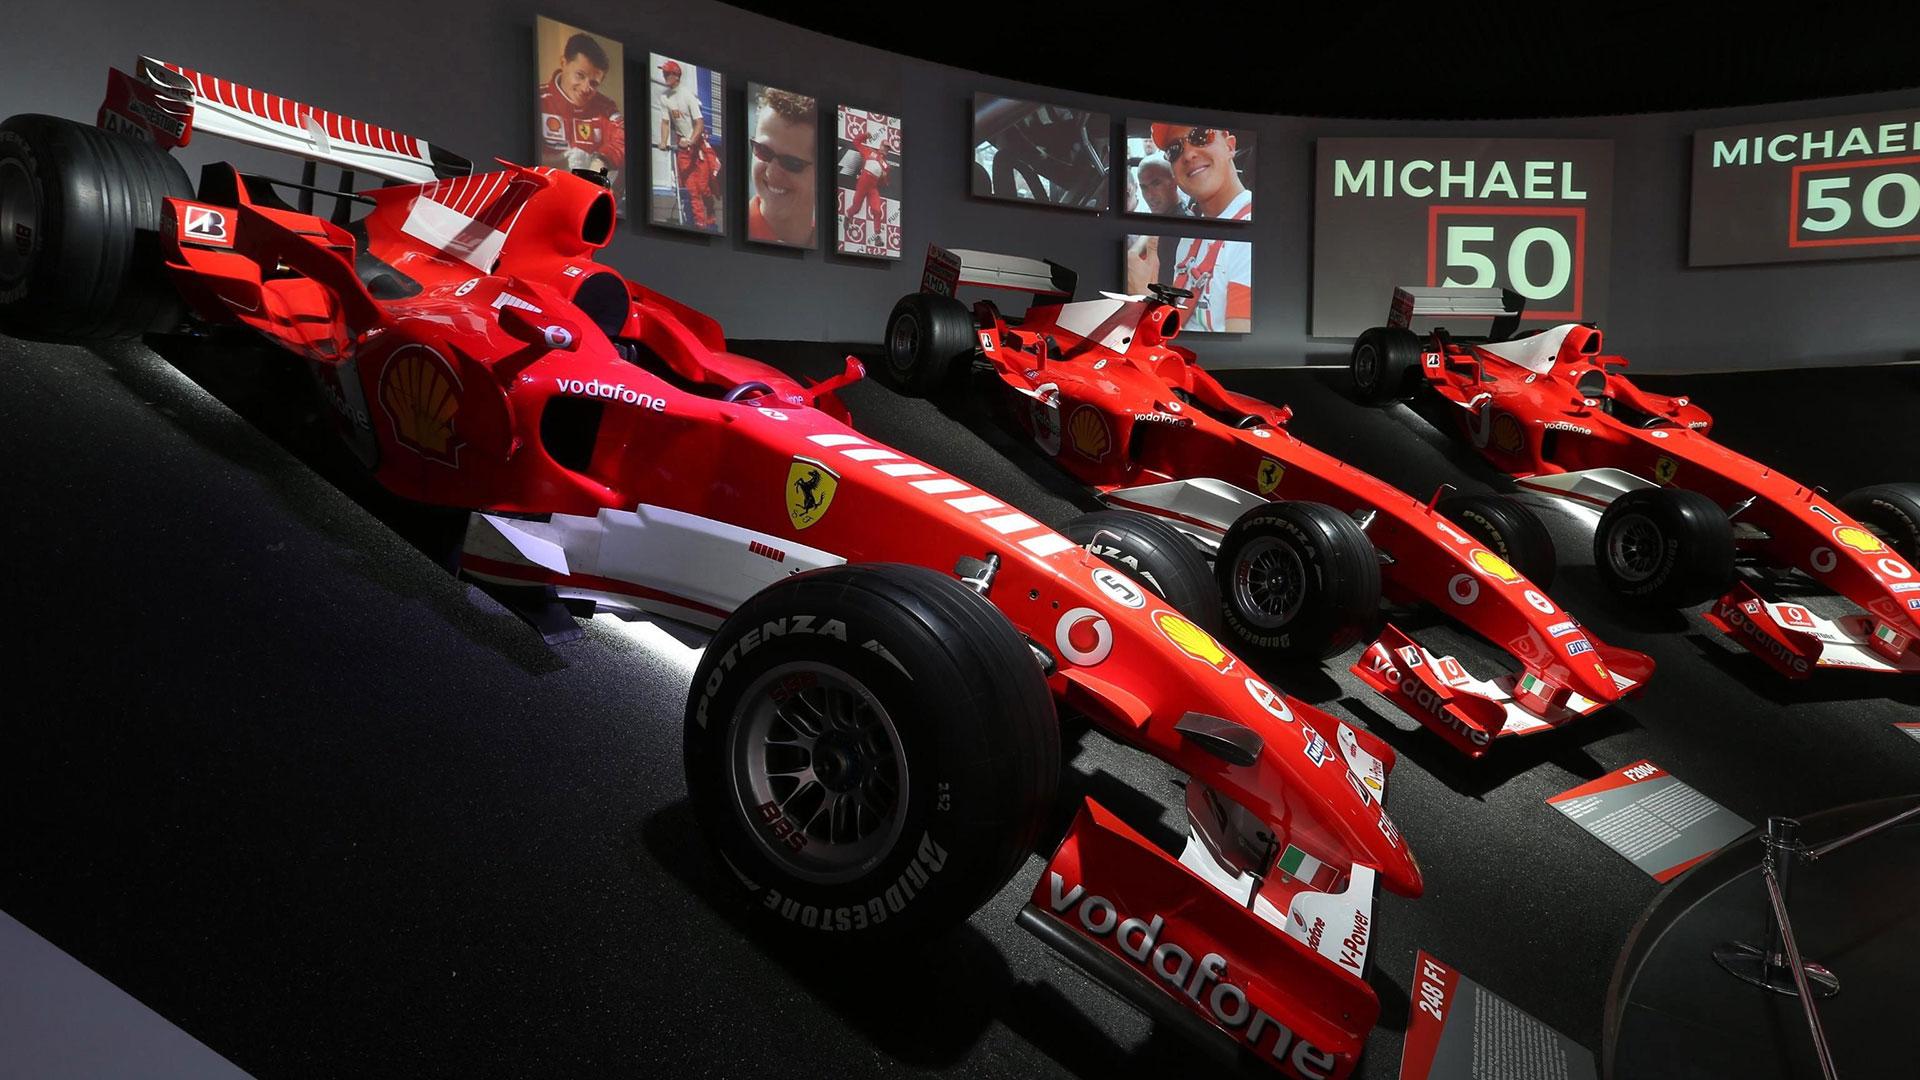 En la Sala de las Victorias los visitantes pueden ver algunos de los más importantes modelos monoplaza de Ferrari que el alemán utilizó a lo largo de sus once años de carrera con esta firma